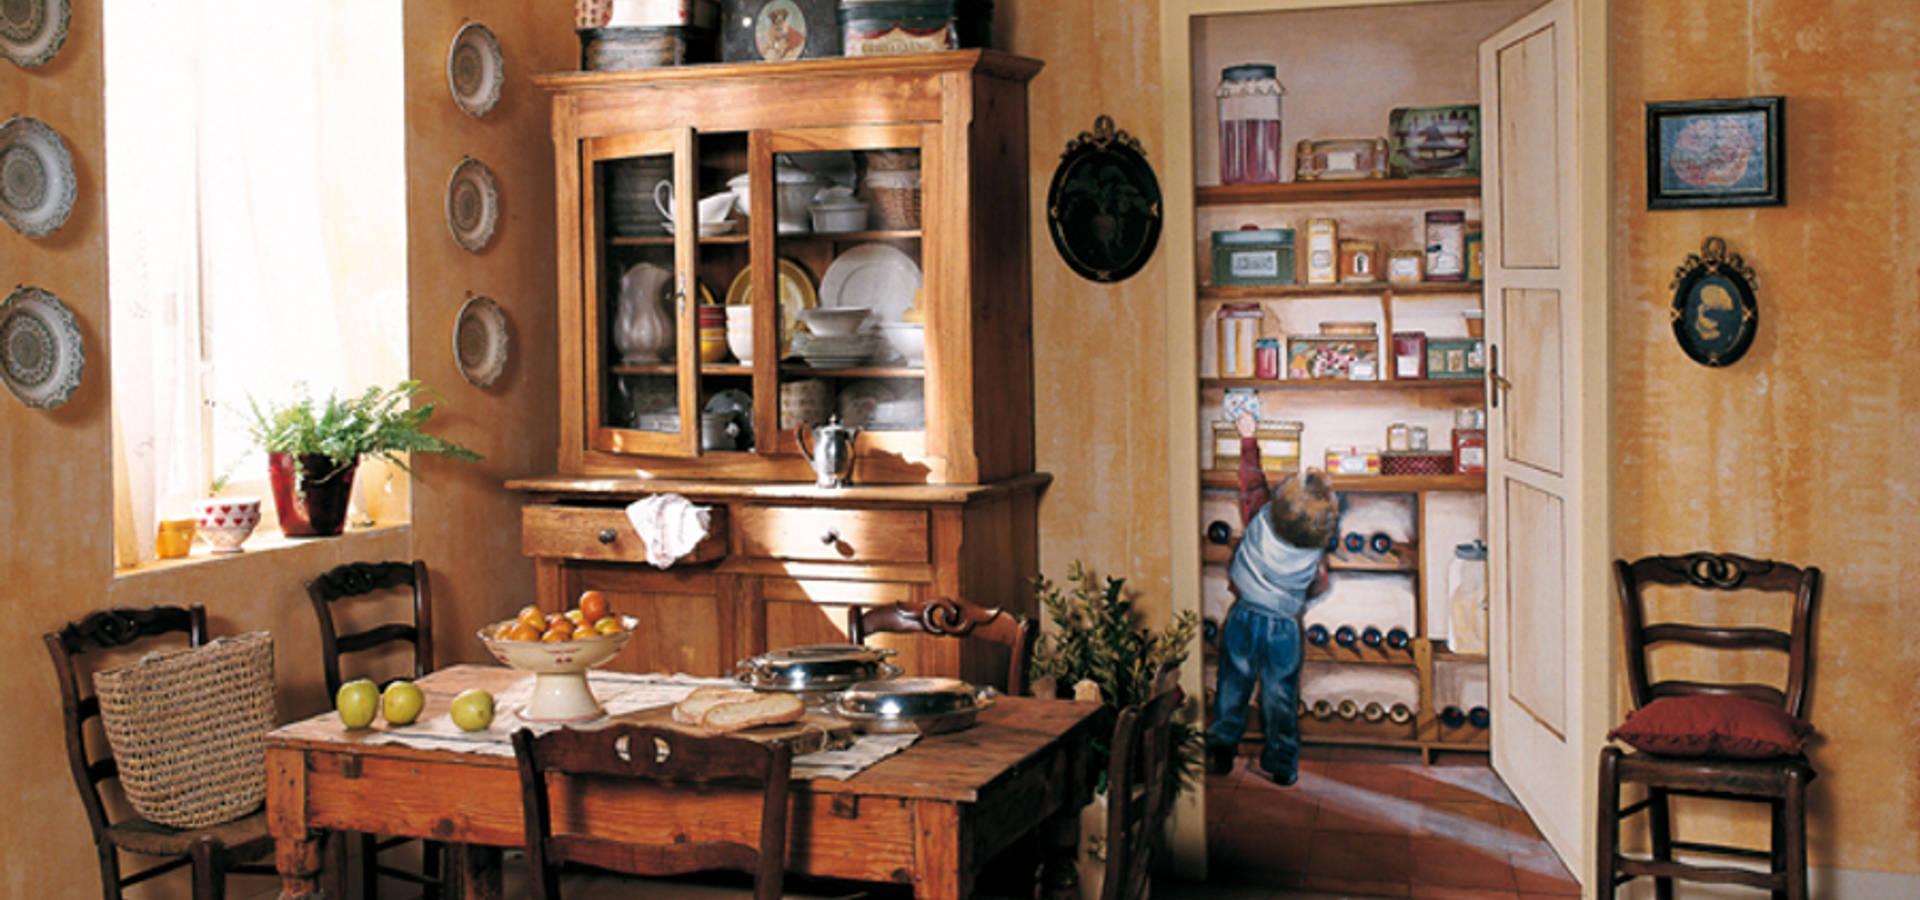 Casa al mare por interno78 it decorazioni d 39 interni homify - Decorazioni d interni ...